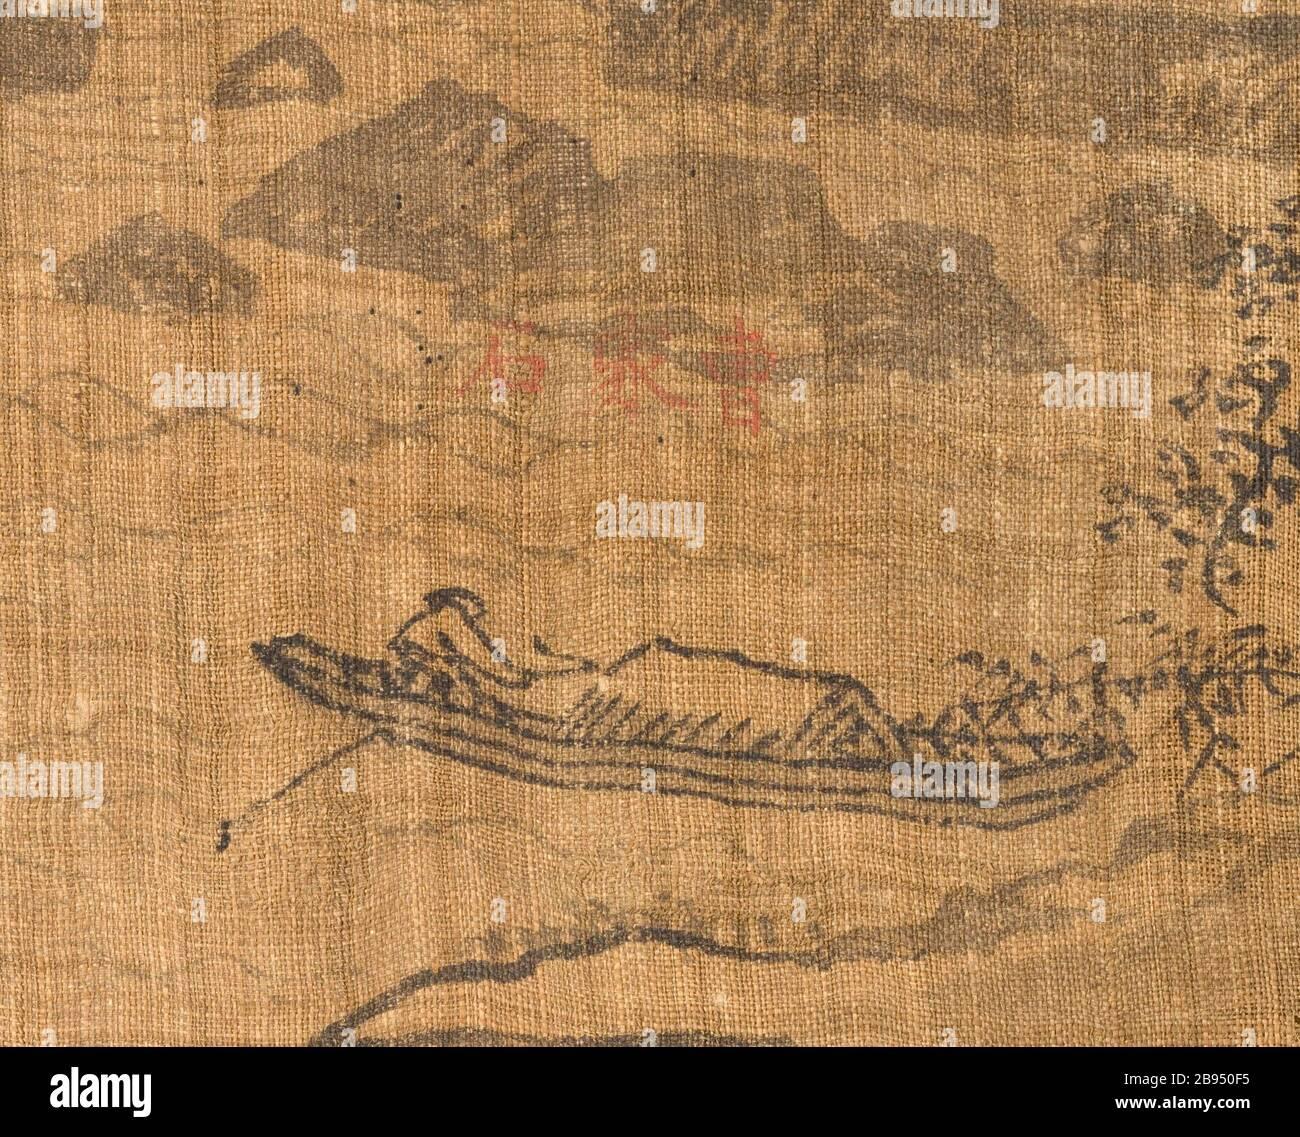 """""""Le sixième des neuf virages Le Mont Wuyi, Chine (image 2 de 5); Anglais: Corée, Korean, Dynastie Joseon (1392-1910), 17e siècle encre, défilement pendaison sur ramie chanvre ou de droit: 20 3/4 x 23 1/8 in. (52,71 x 58,74 cm); le mont: 48 3/4 x 25 in. (123,83 x 63,5 cm); rouleau presseur: 27 1/4 in. (69,22 cm) achetés avec les fonds du musée (M2000.15.20); l'art coréen date du 17ème siècle QS:P571,+1650-00-00T00:00:00Z/7; ' Banque D'Images"""